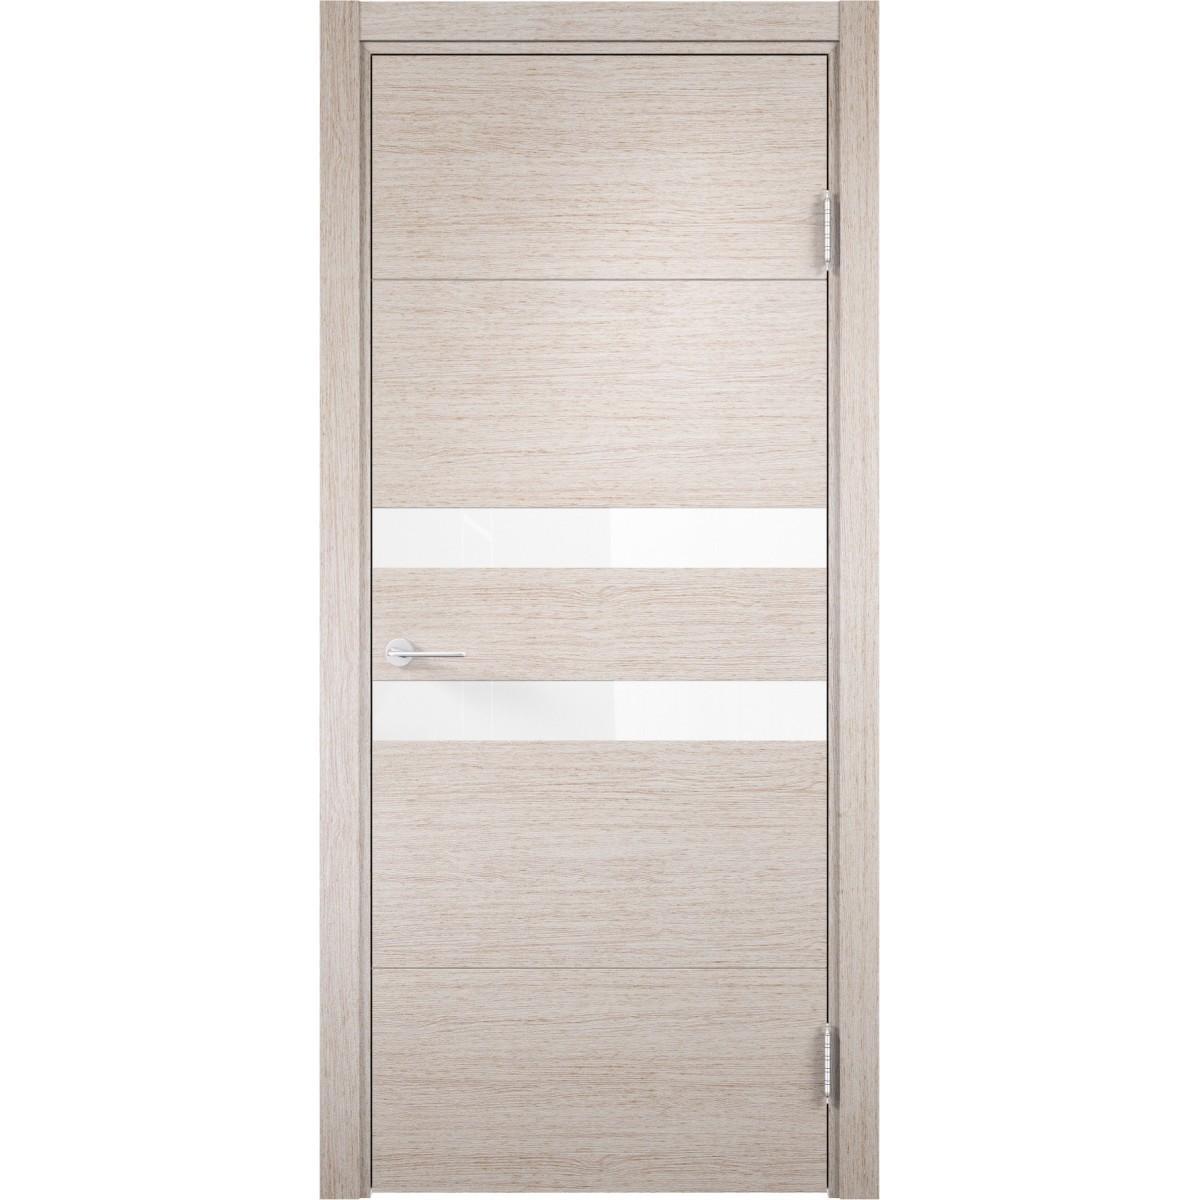 Дверное полотно Casaporte Турин МП_0308 2000х900х44 мм МДФ